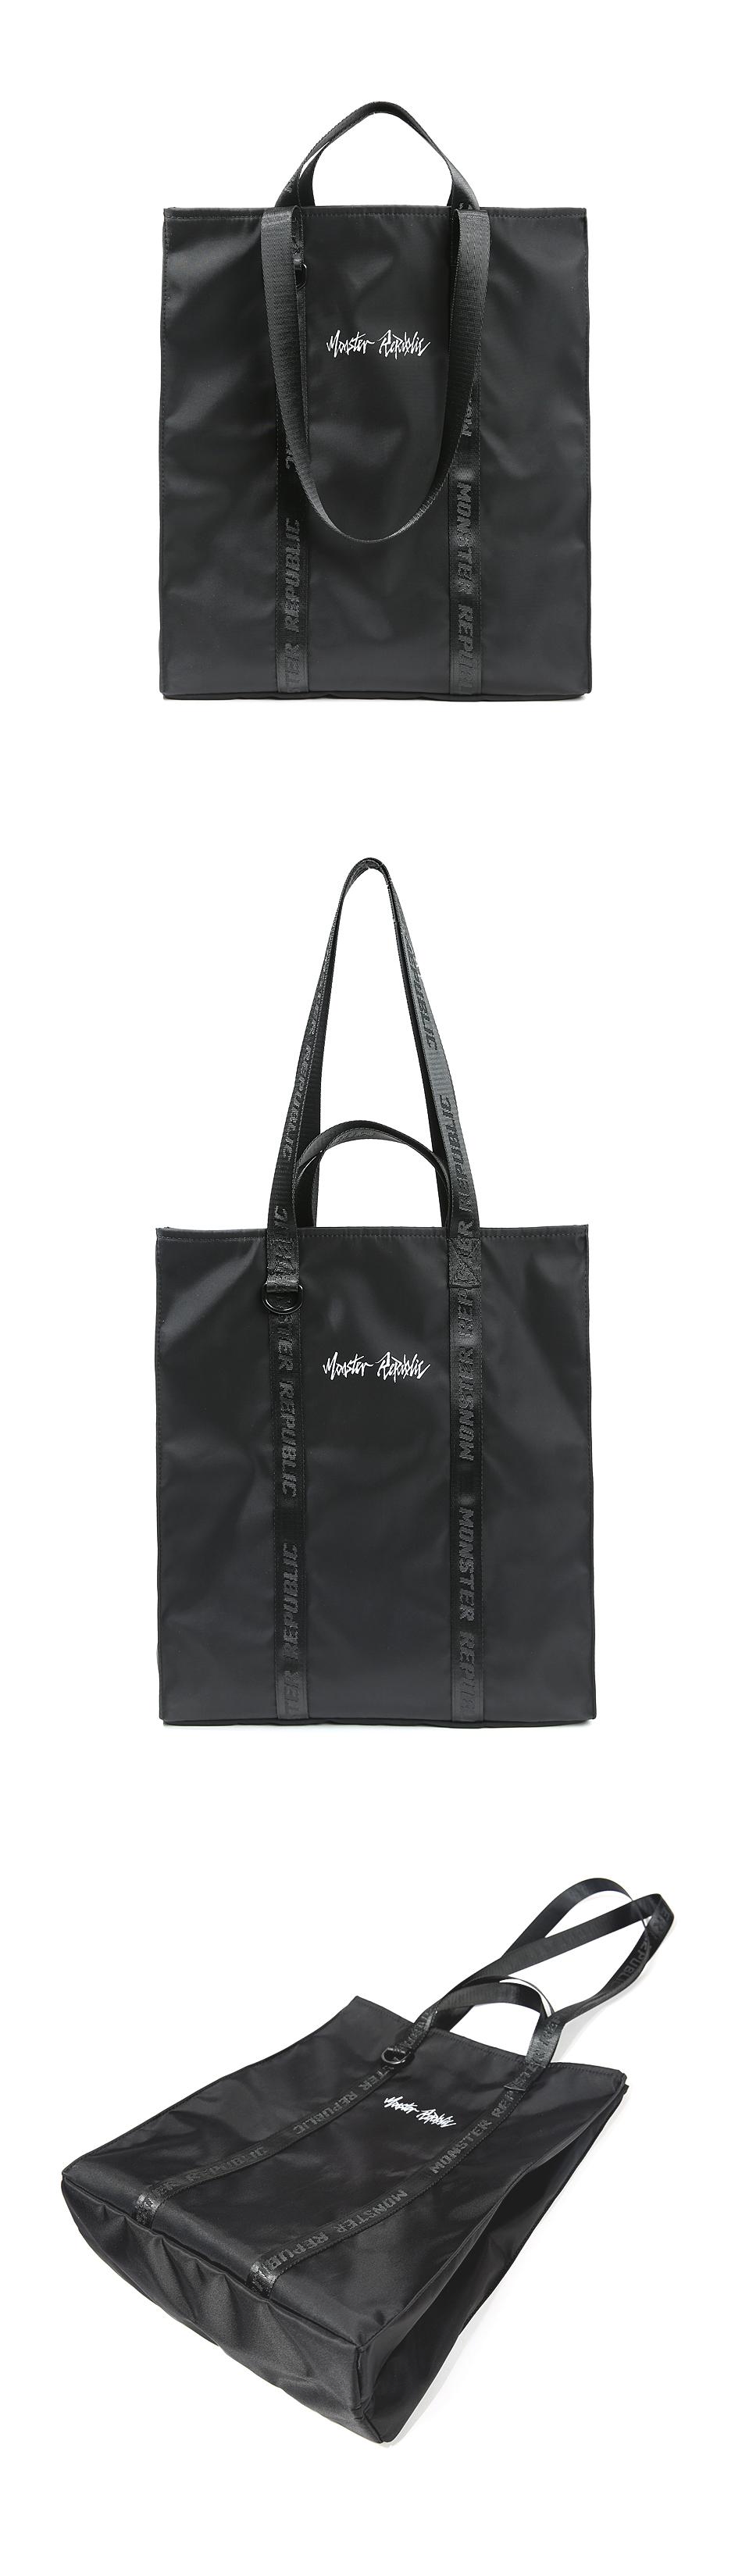 [사은품 증정] MOVEMENT LOGO TOTE BAG - SMALL / BLACK